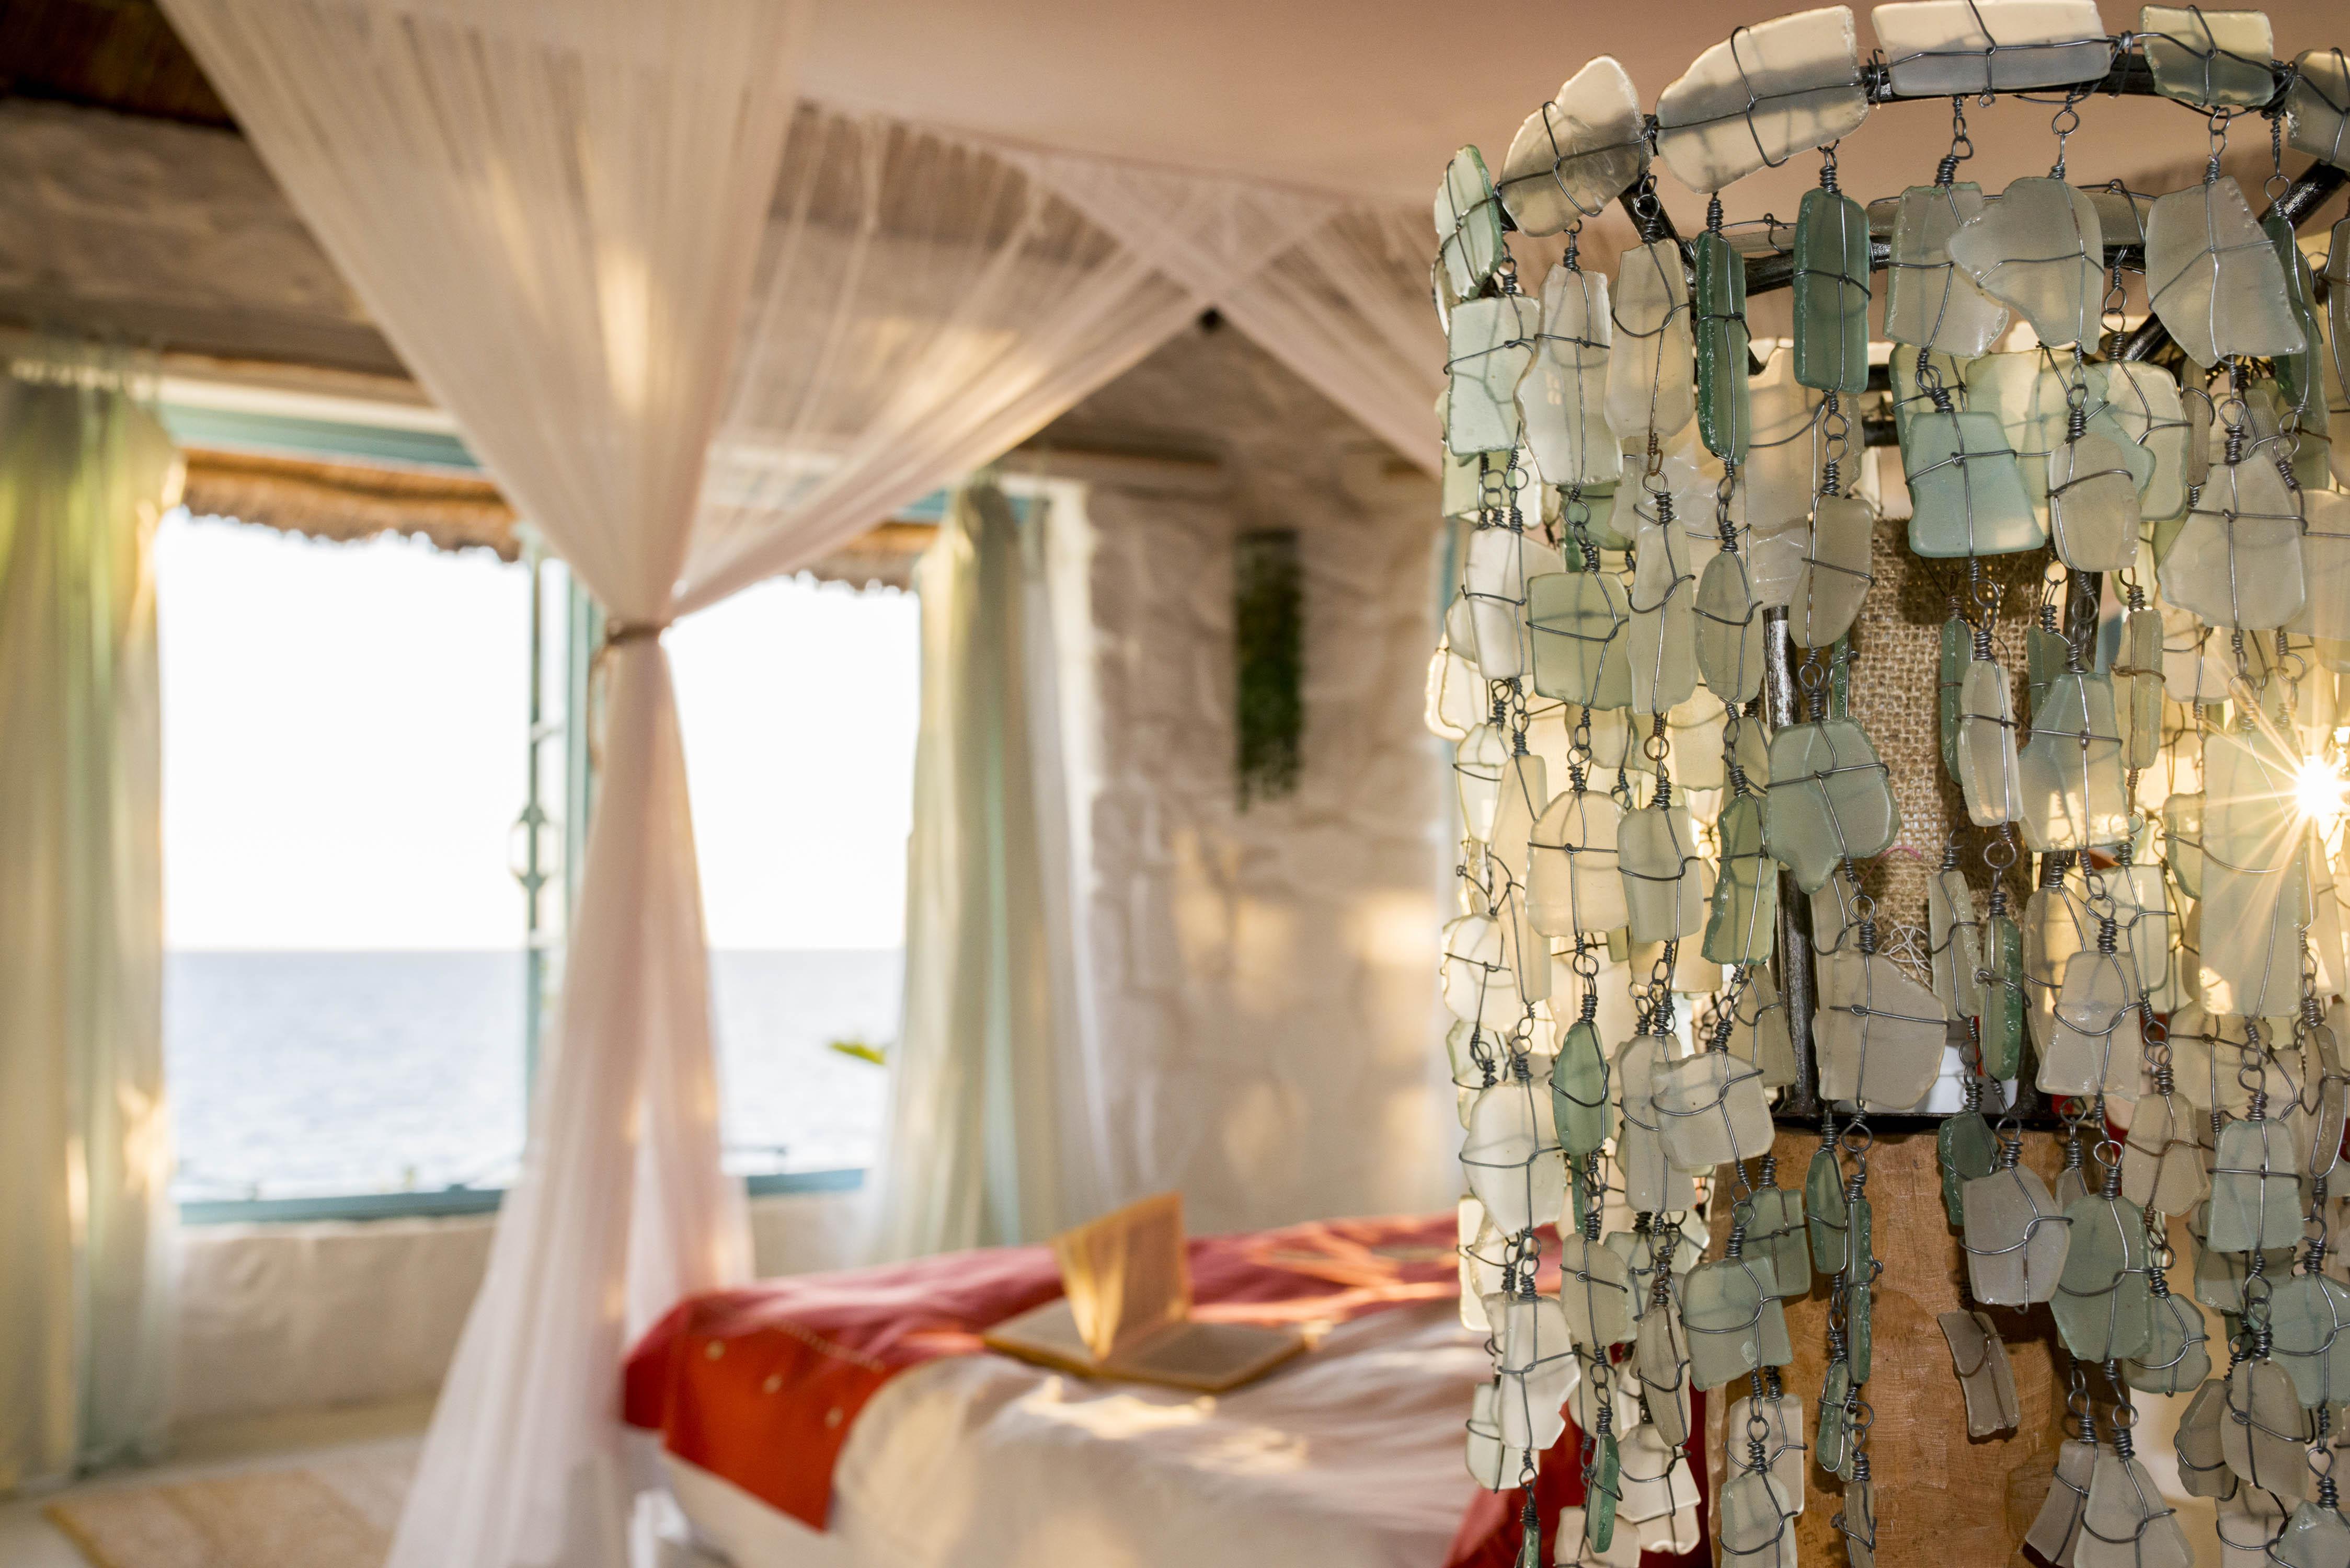 Kaya Mawa interiors tumbled glass lampshade